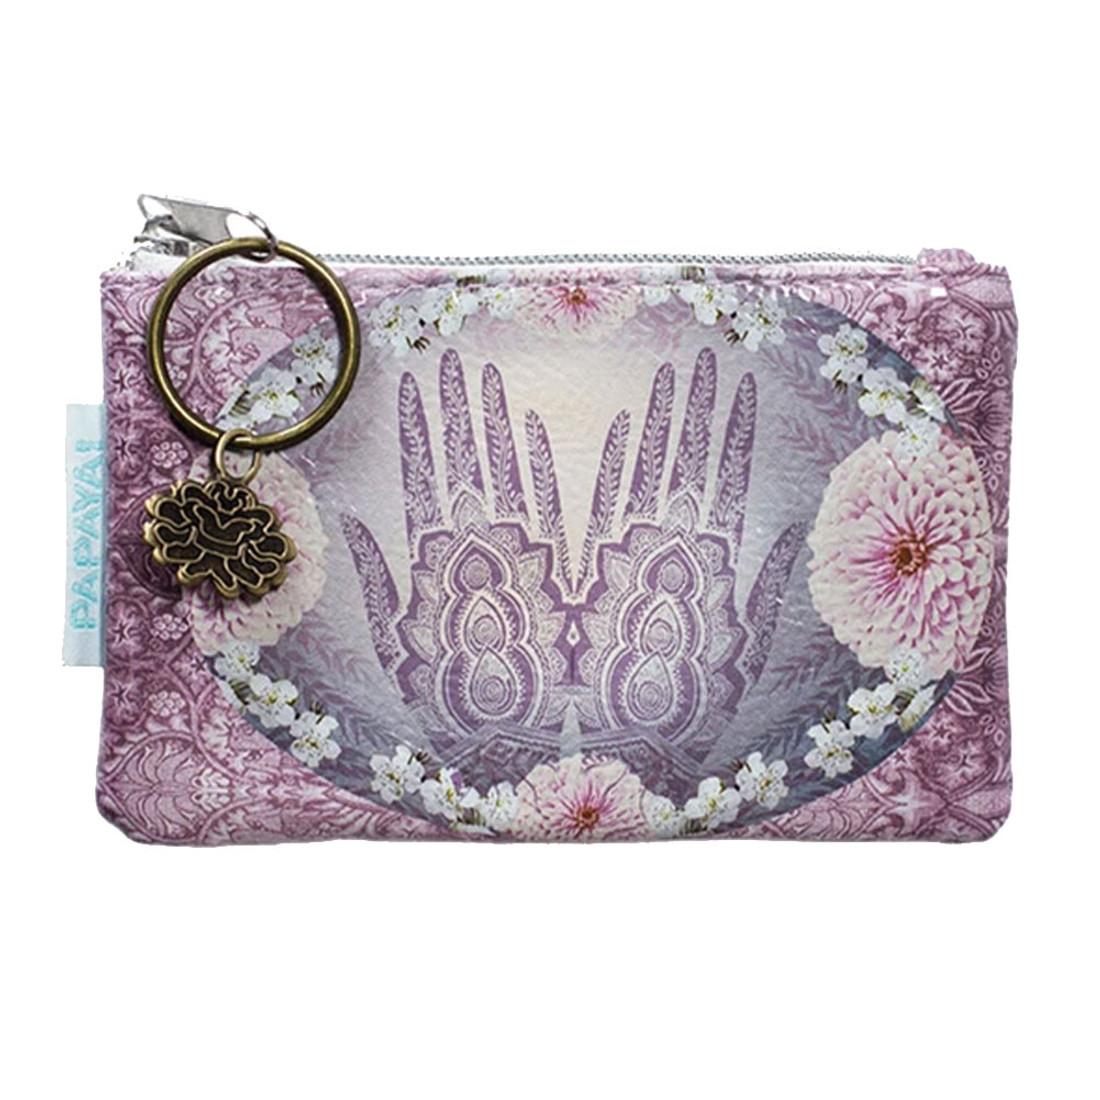 PAPAYA Coin Purse Wallet Henna